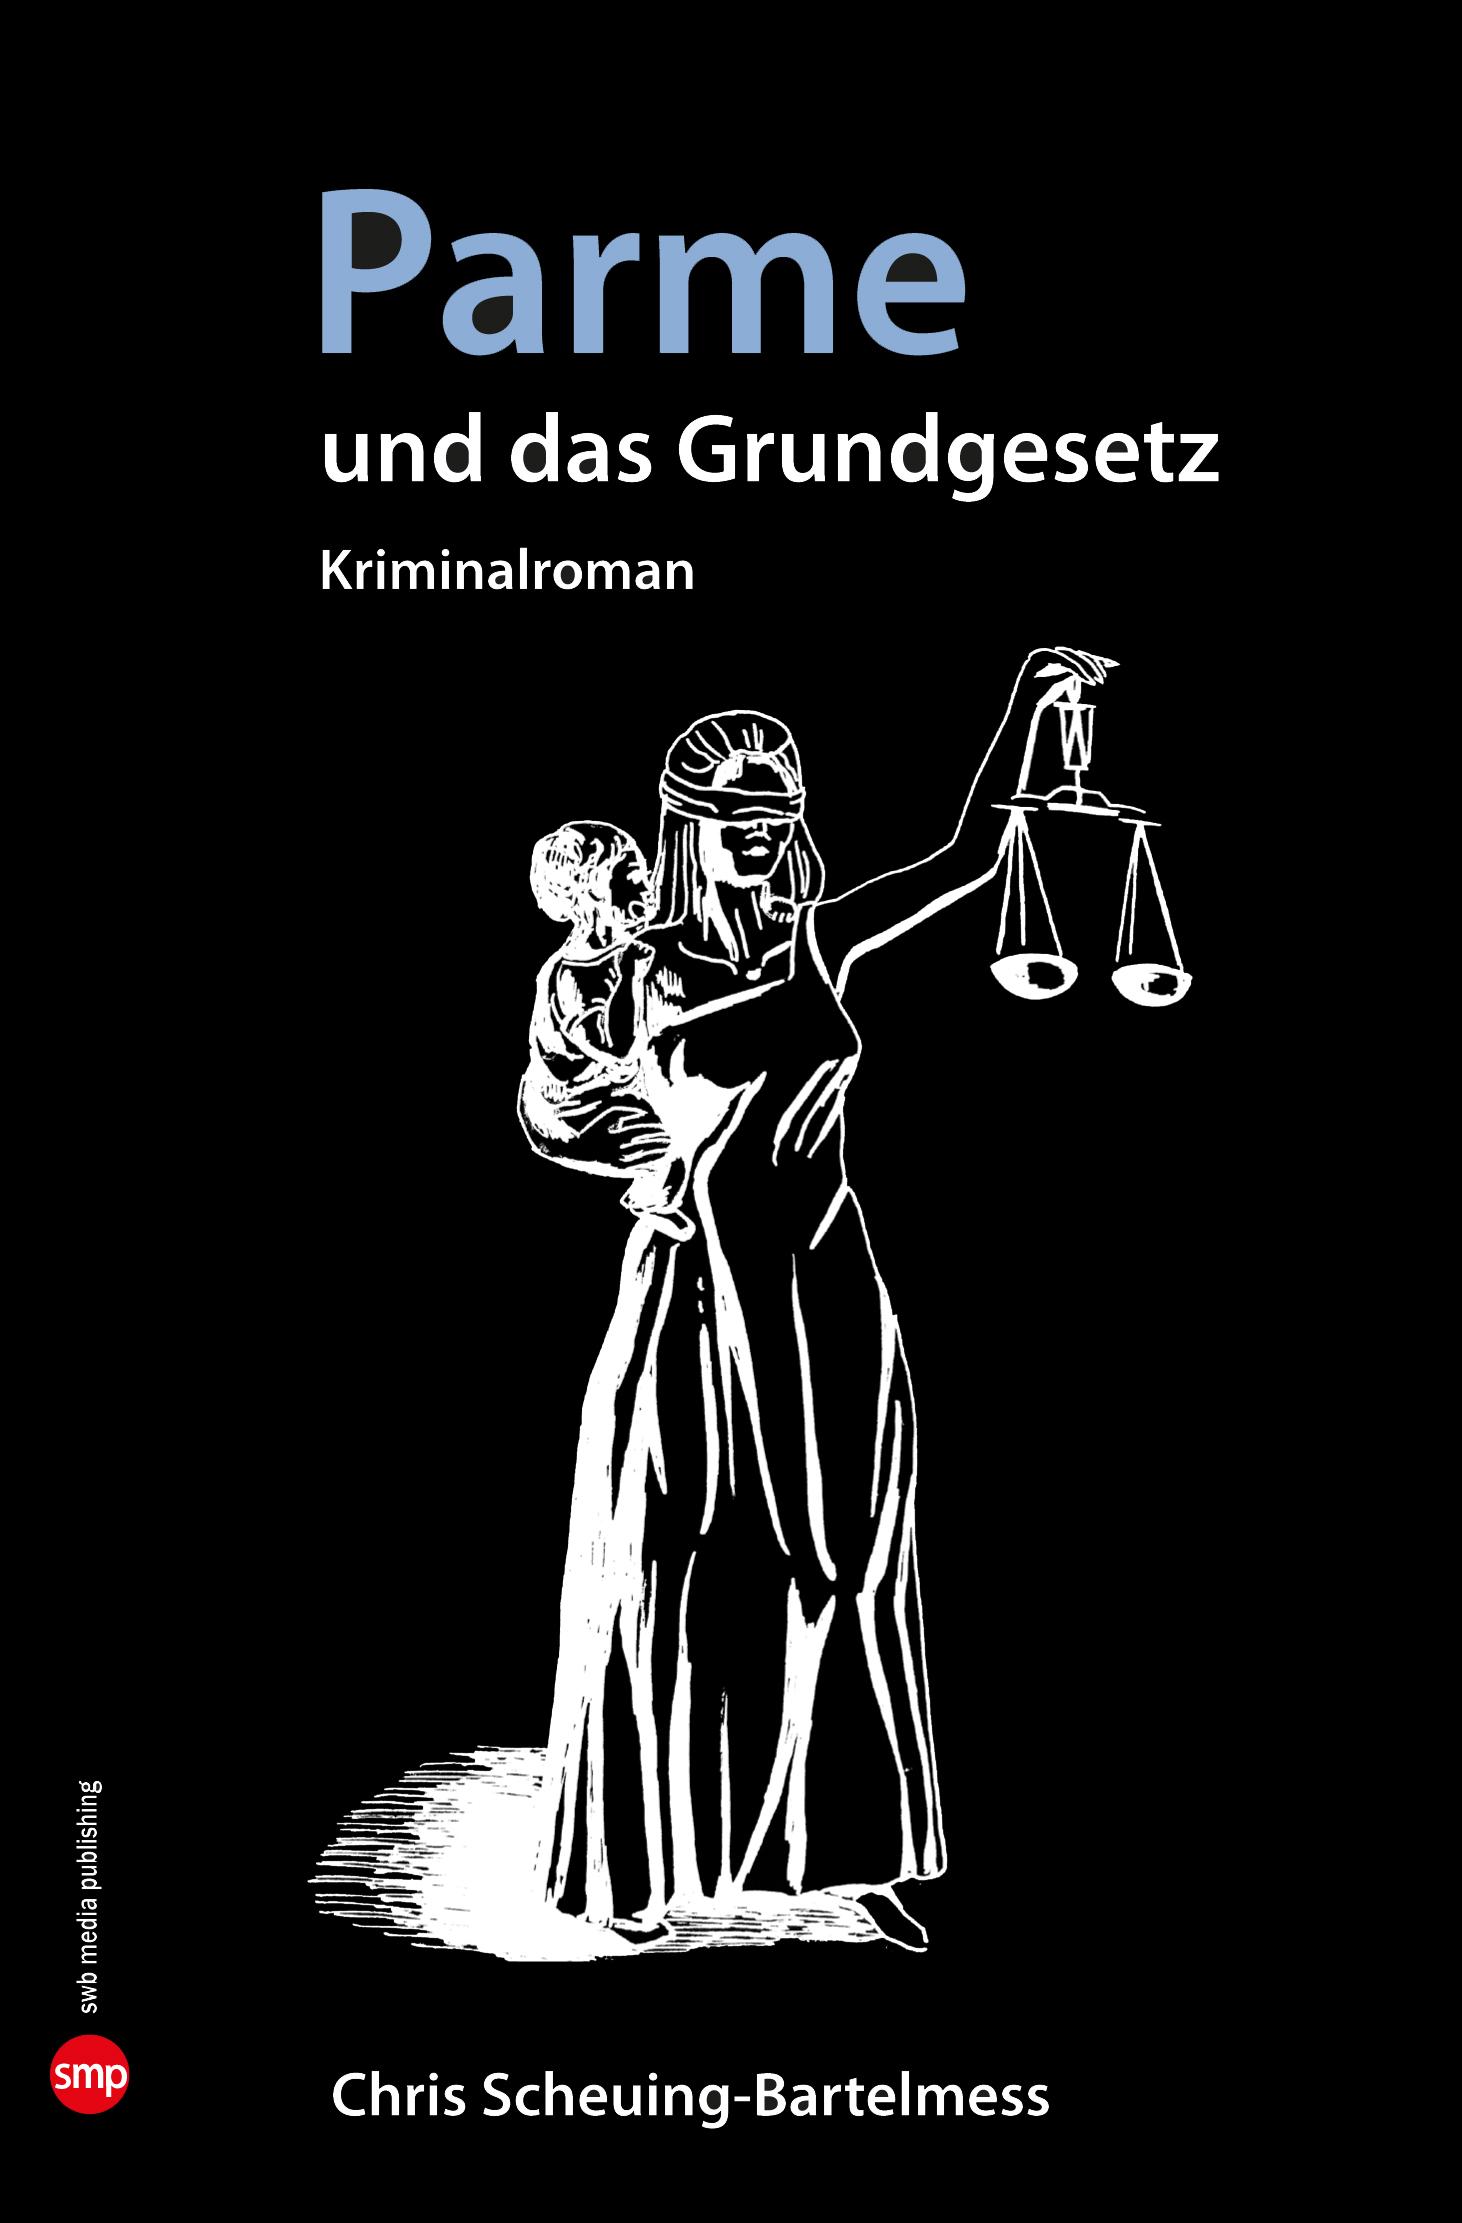 Parme und das Grundgesetz